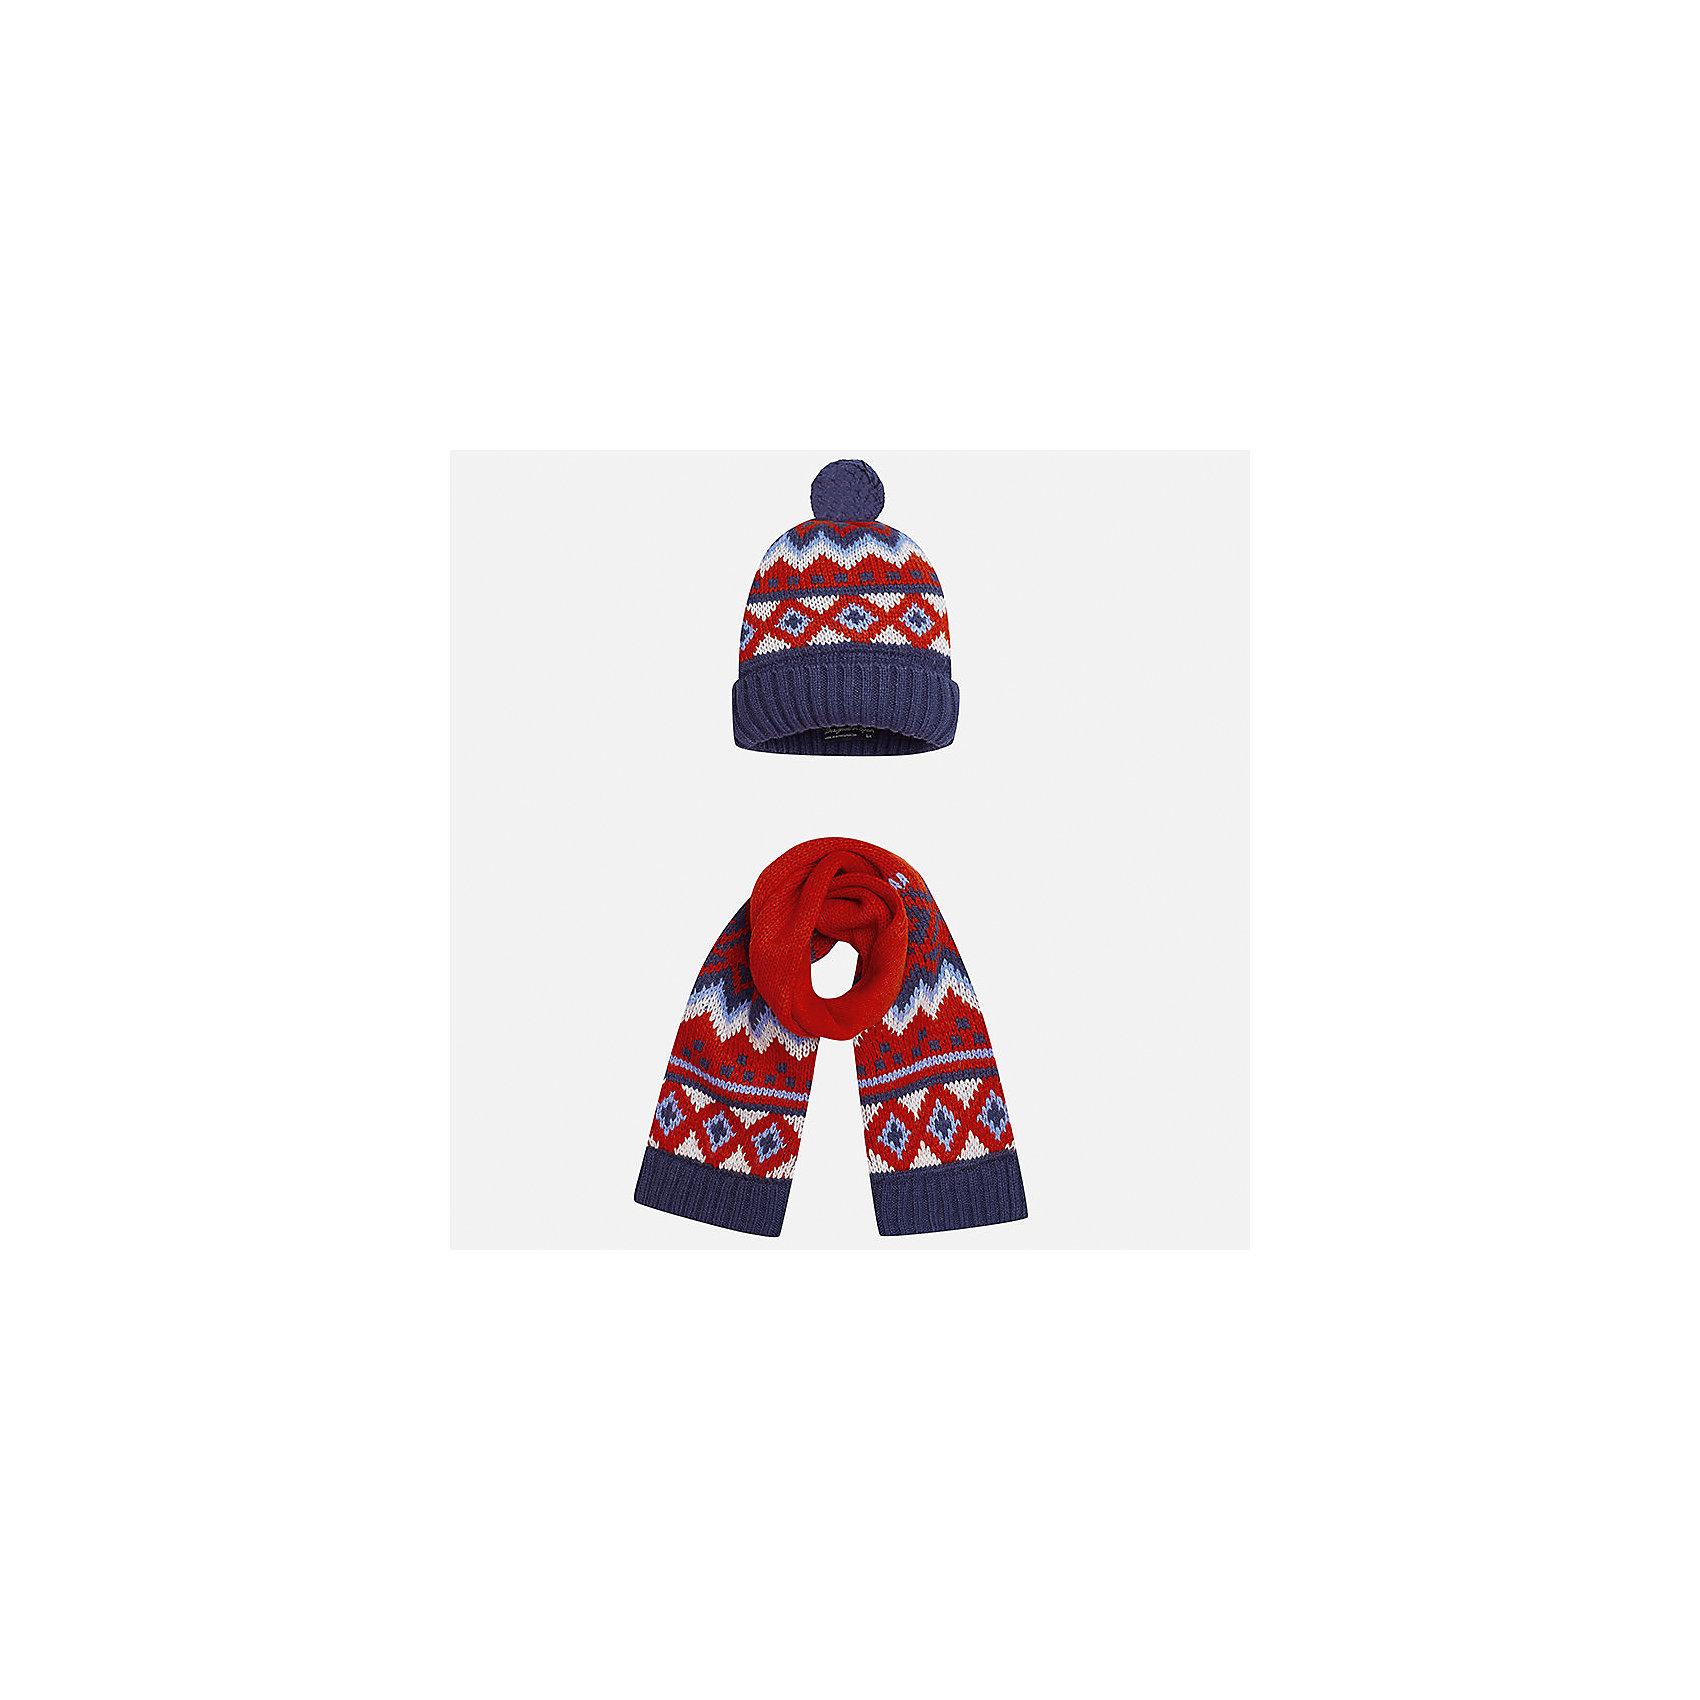 Комплект: шапка и шарф Mayoral для мальчикаШарфы, платки<br>Характеристики товара:<br><br>• цвет: красный/синий<br>• состав ткани: 85% акрил, 15% шерсть<br>• сезон: демисезон<br>• комплектация: шапка, шарф<br>• страна бренда: Испания<br>• страна изготовитель: Индия<br><br>Демисезонные шапка и шарф для мальчика от популярного бренда Mayoral помогут дополнить наряд и обеспечить комфорт в прохладную погоду. Оригинальный детский комплект из шарфа и шапки смотрится аккуратно и стильно. Для производства таких демисезонных комплектов популярный бренд Mayoral используют только качественную фурнитуру и материалы. Оригинальные и модные шапка и шарф от Майорал привлекут внимание и понравятся детям.<br><br>Комплект: шапка и шарф для мальчика Mayoral (Майорал) можно купить в нашем интернет-магазине.<br><br>Ширина мм: 89<br>Глубина мм: 117<br>Высота мм: 44<br>Вес г: 155<br>Цвет: синий/красный<br>Возраст от месяцев: 12<br>Возраст до месяцев: 18<br>Пол: Мужской<br>Возраст: Детский<br>Размер: one size<br>SKU: 6939074